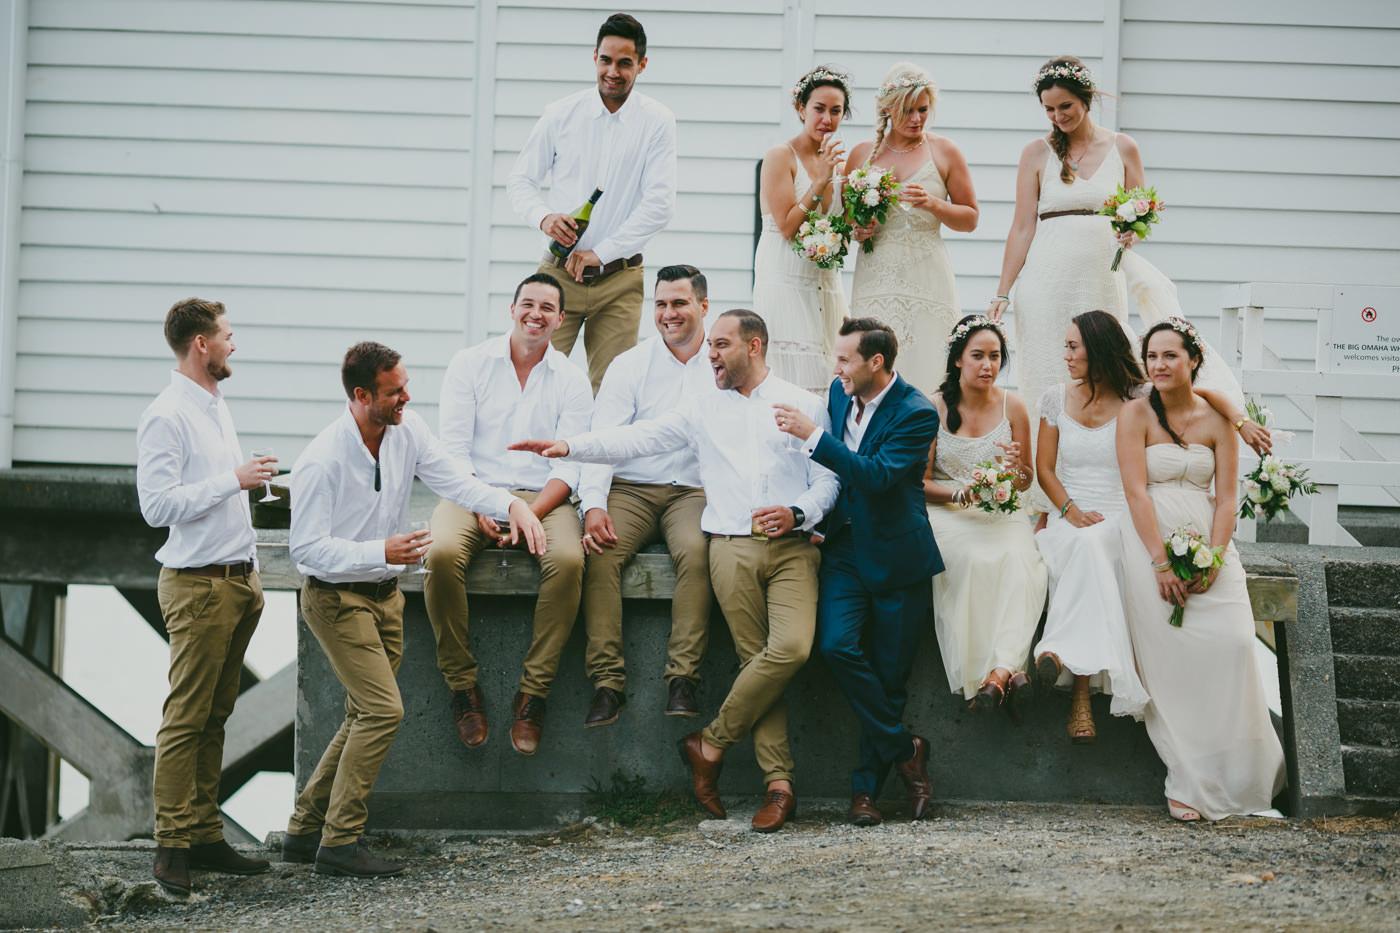 071z_auckland_leigh_wedding_photos.jpg